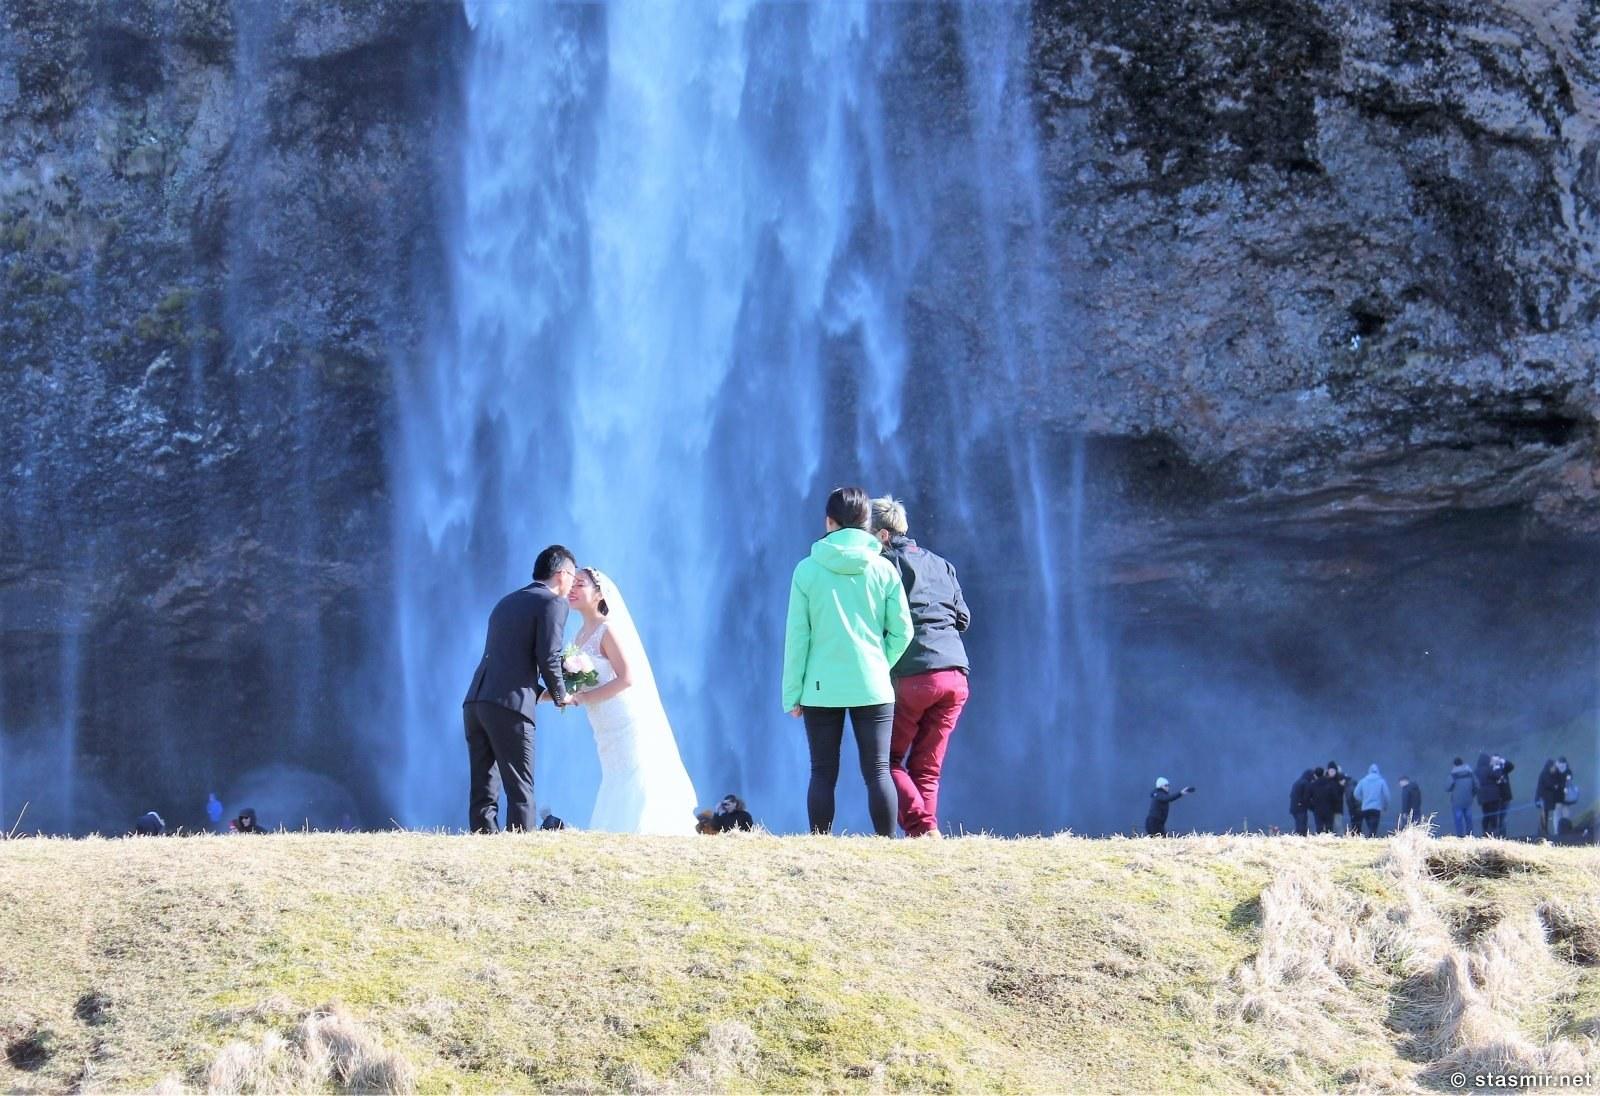 Китайские брачующиеся на Сельяландсфосс, фото Стасмир, photo Stasmir, stasmirnet, stasmircom